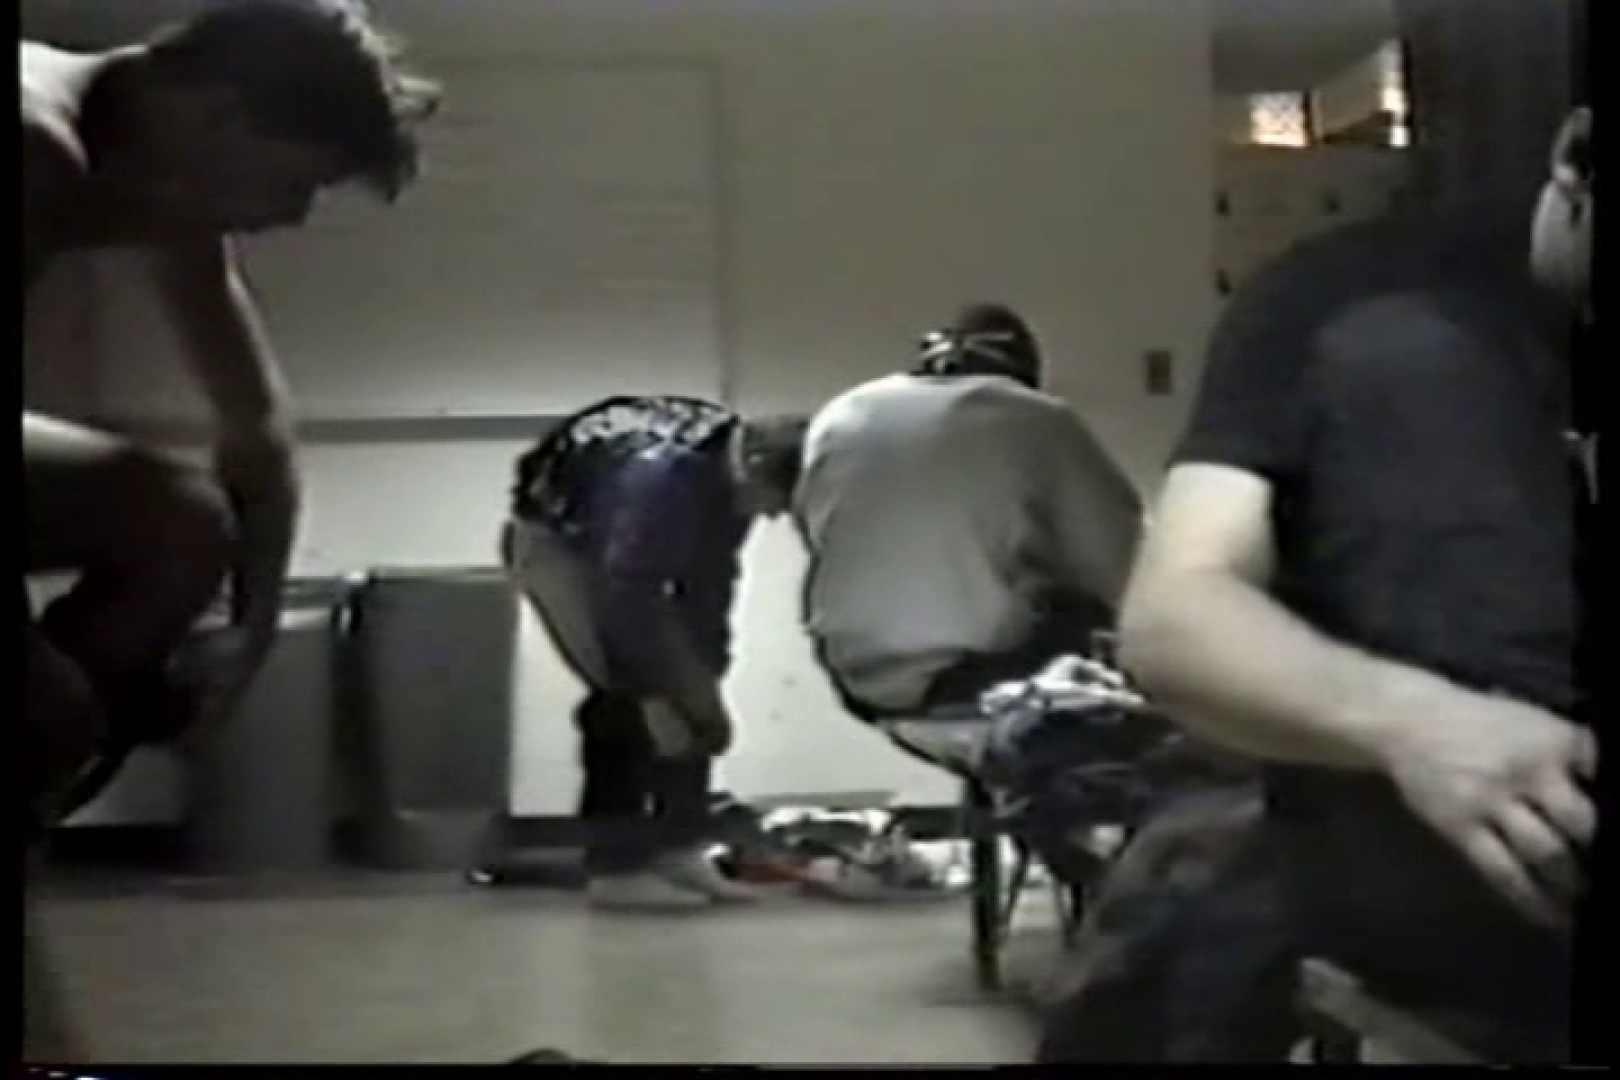 洋人さんの脱衣所を覗いてみました。VOL.1 完全無修正でお届け | ノンケボーイズ  66pic 51